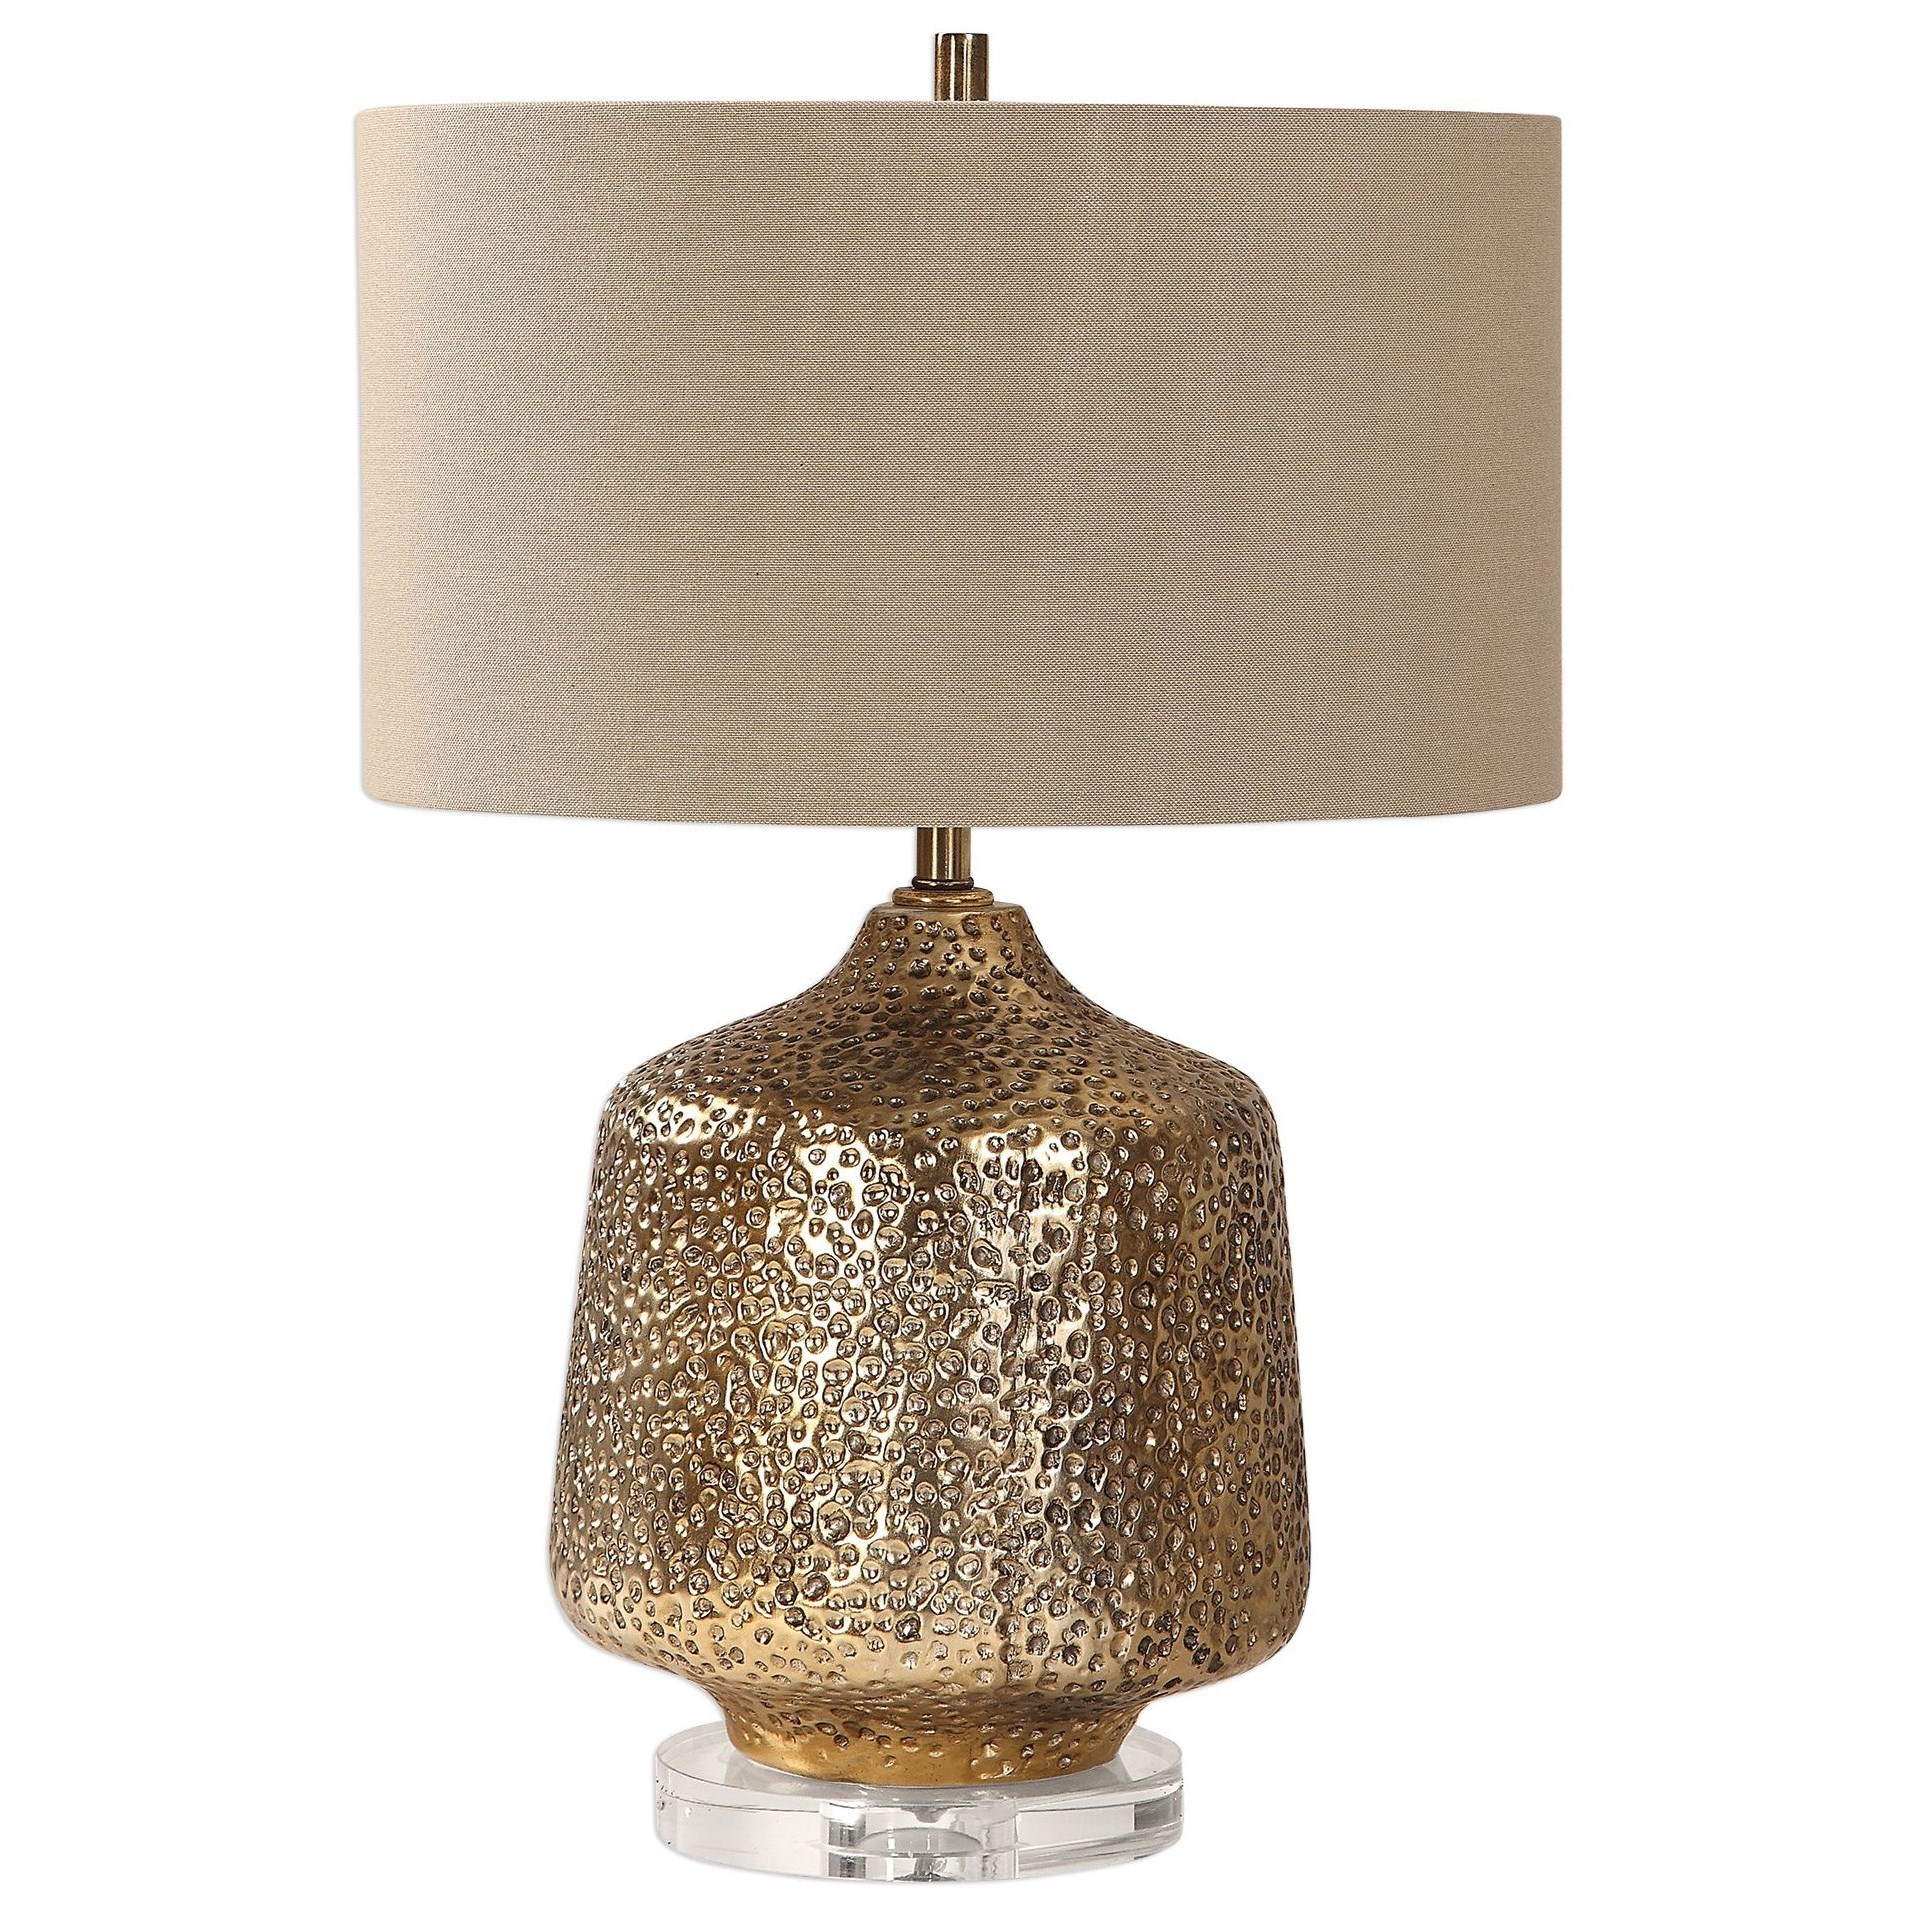 Galaxia Metallic Gold Lamp